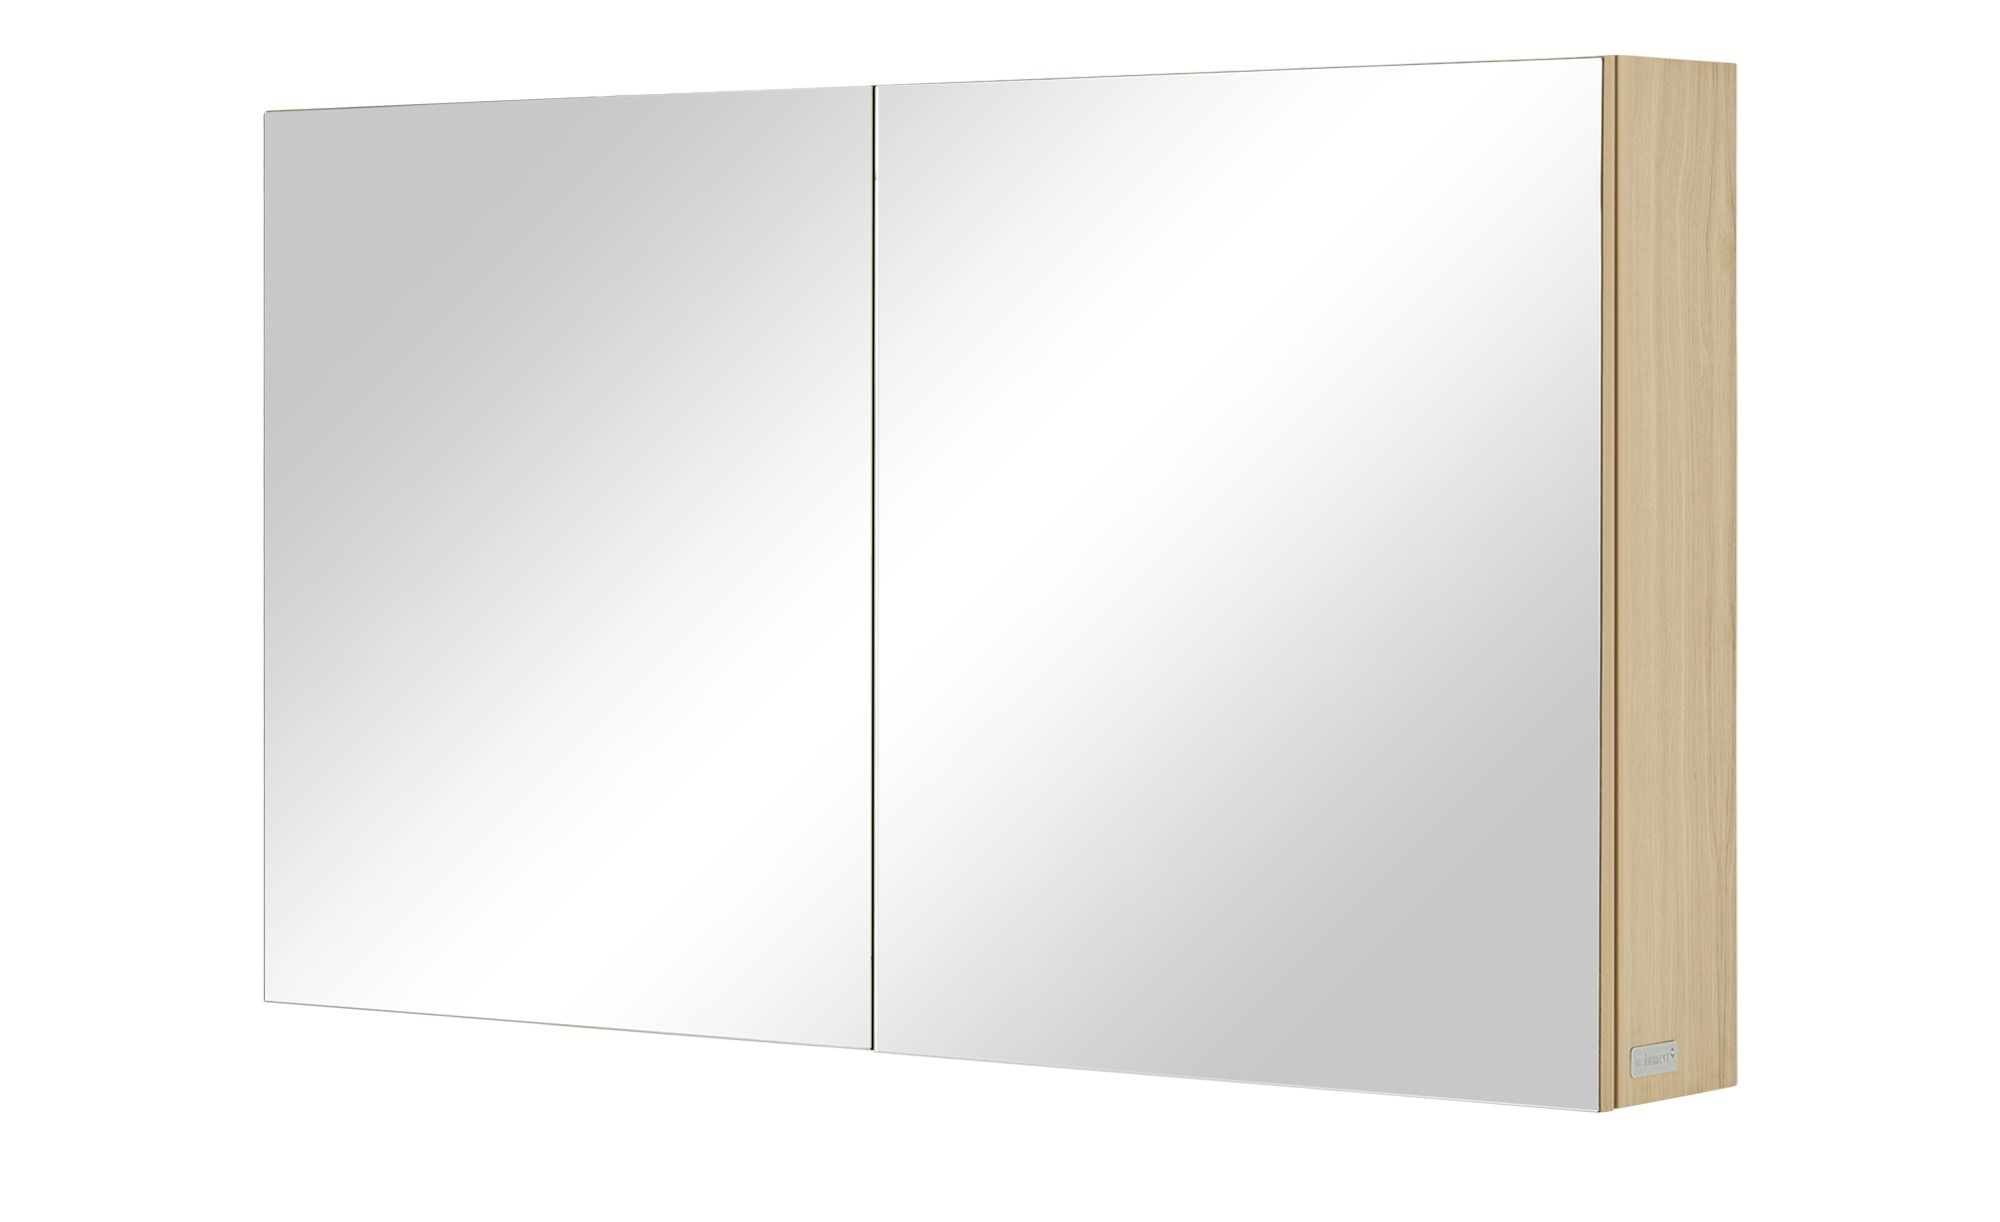 Wohnwert Spiegelschrank Capri Gefunden Bei Mobel In 2020 Spiegelschrank Schrank Und Spiegel